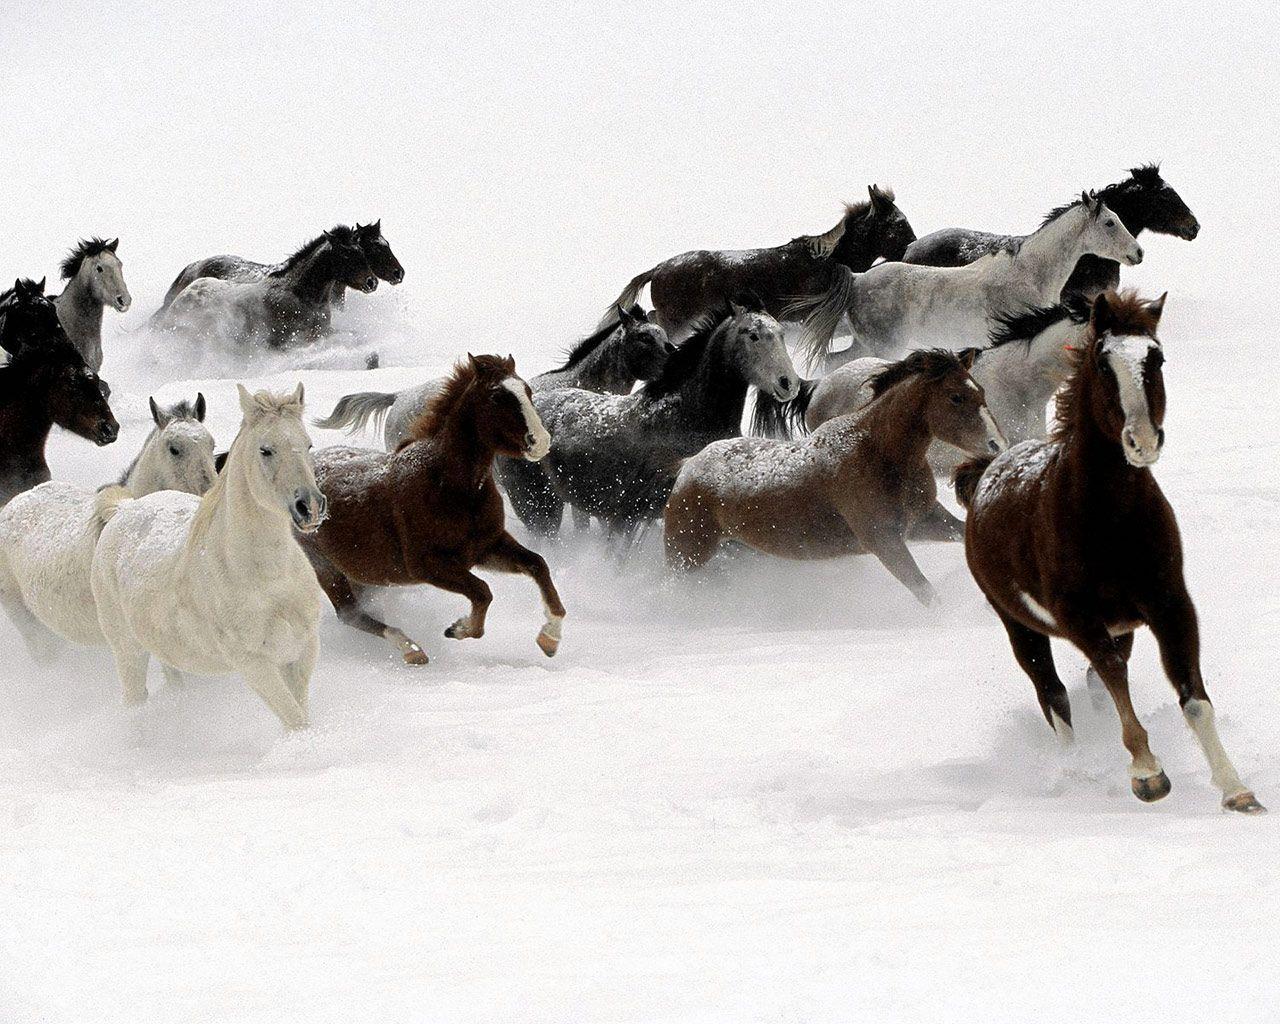 Cavalls a la neu. Horses.